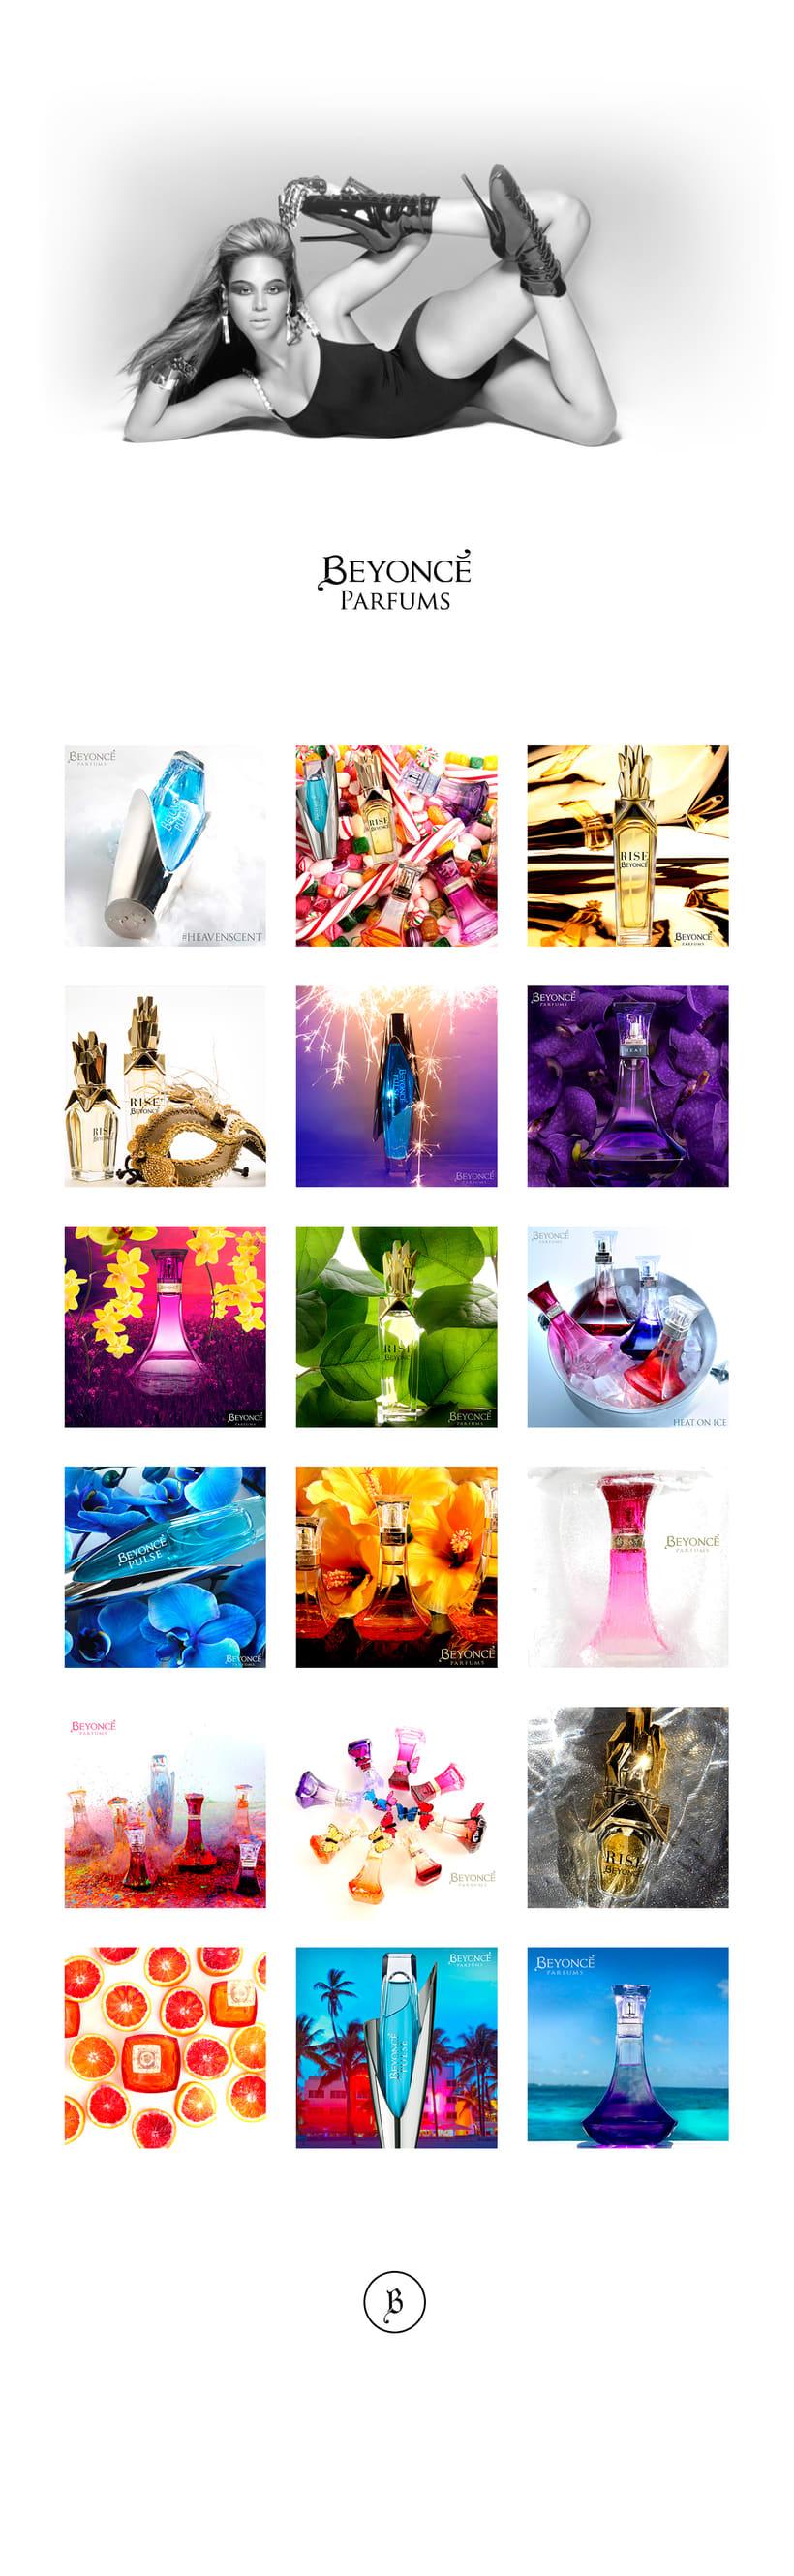 Beyonce Parfums  -1